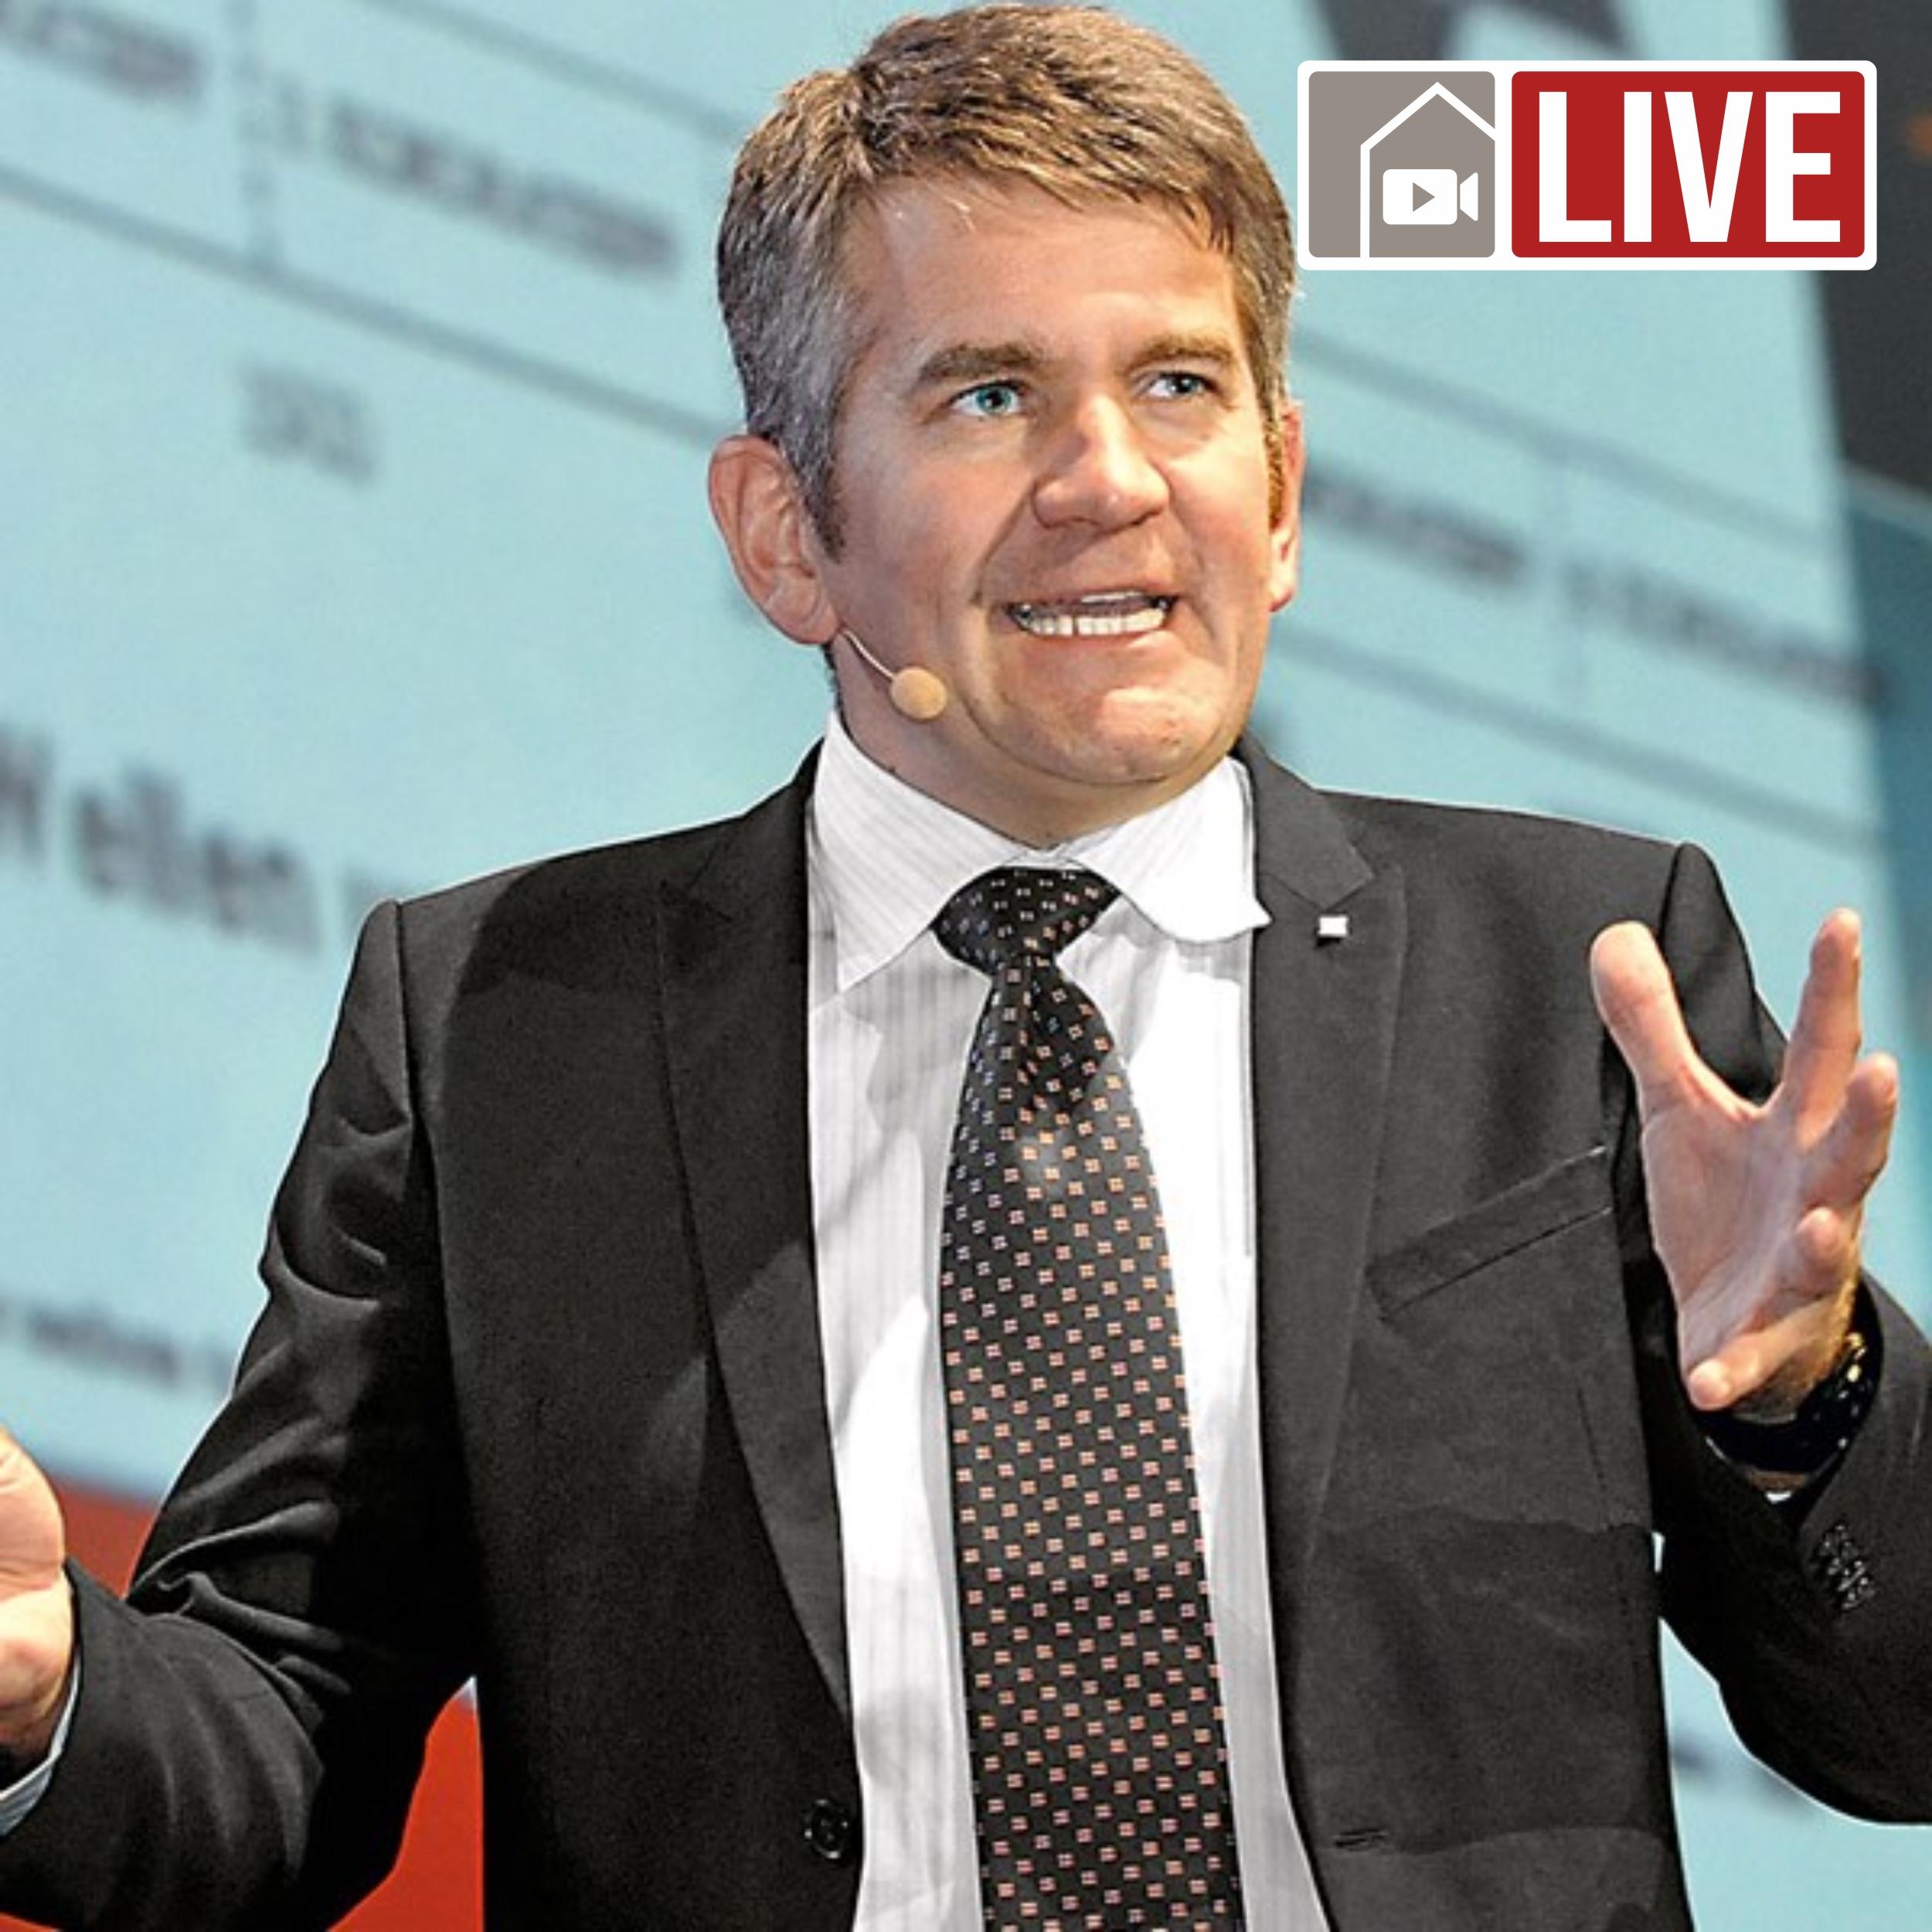 Dr. Dr. Cay von Fournier Livestream